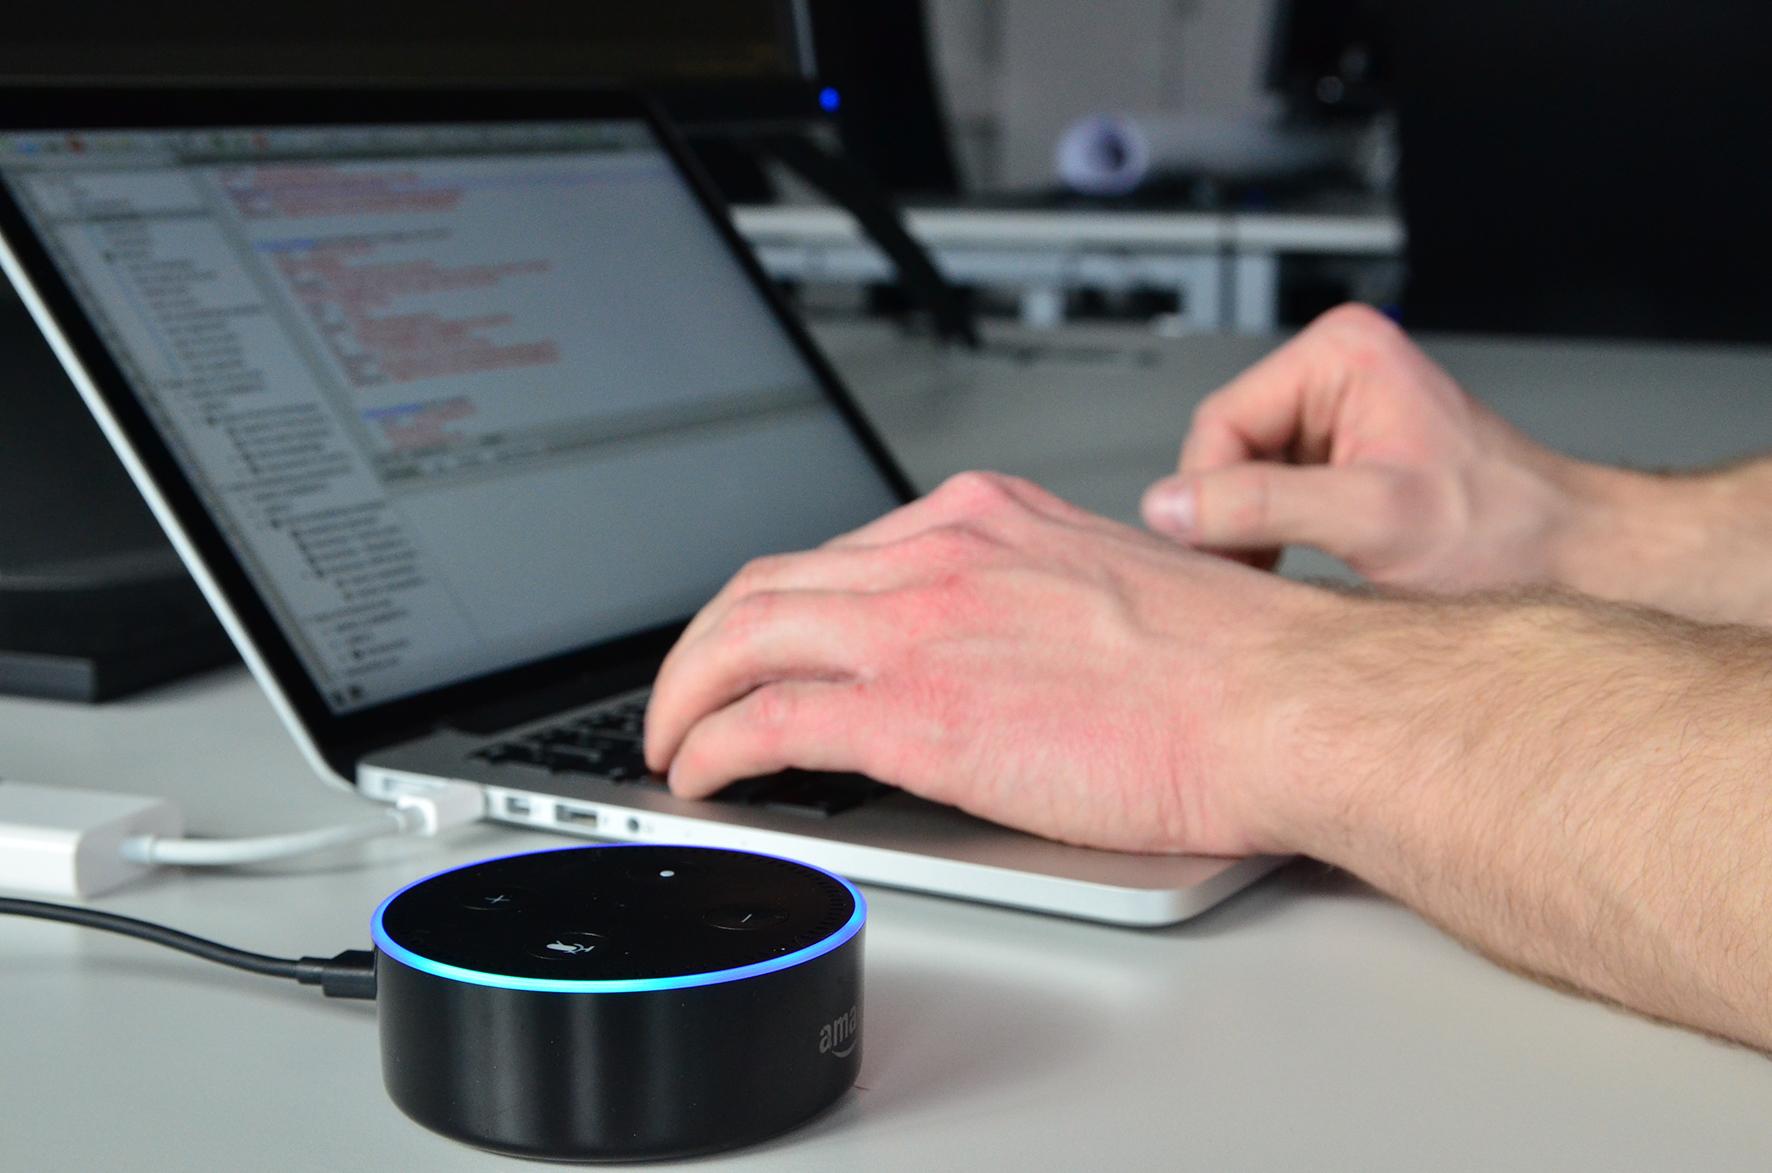 Der äußere Ring des Geräts leuchtet türkis-blau, im Hintergrund Hände tippend auf einer Laptoptastatur.